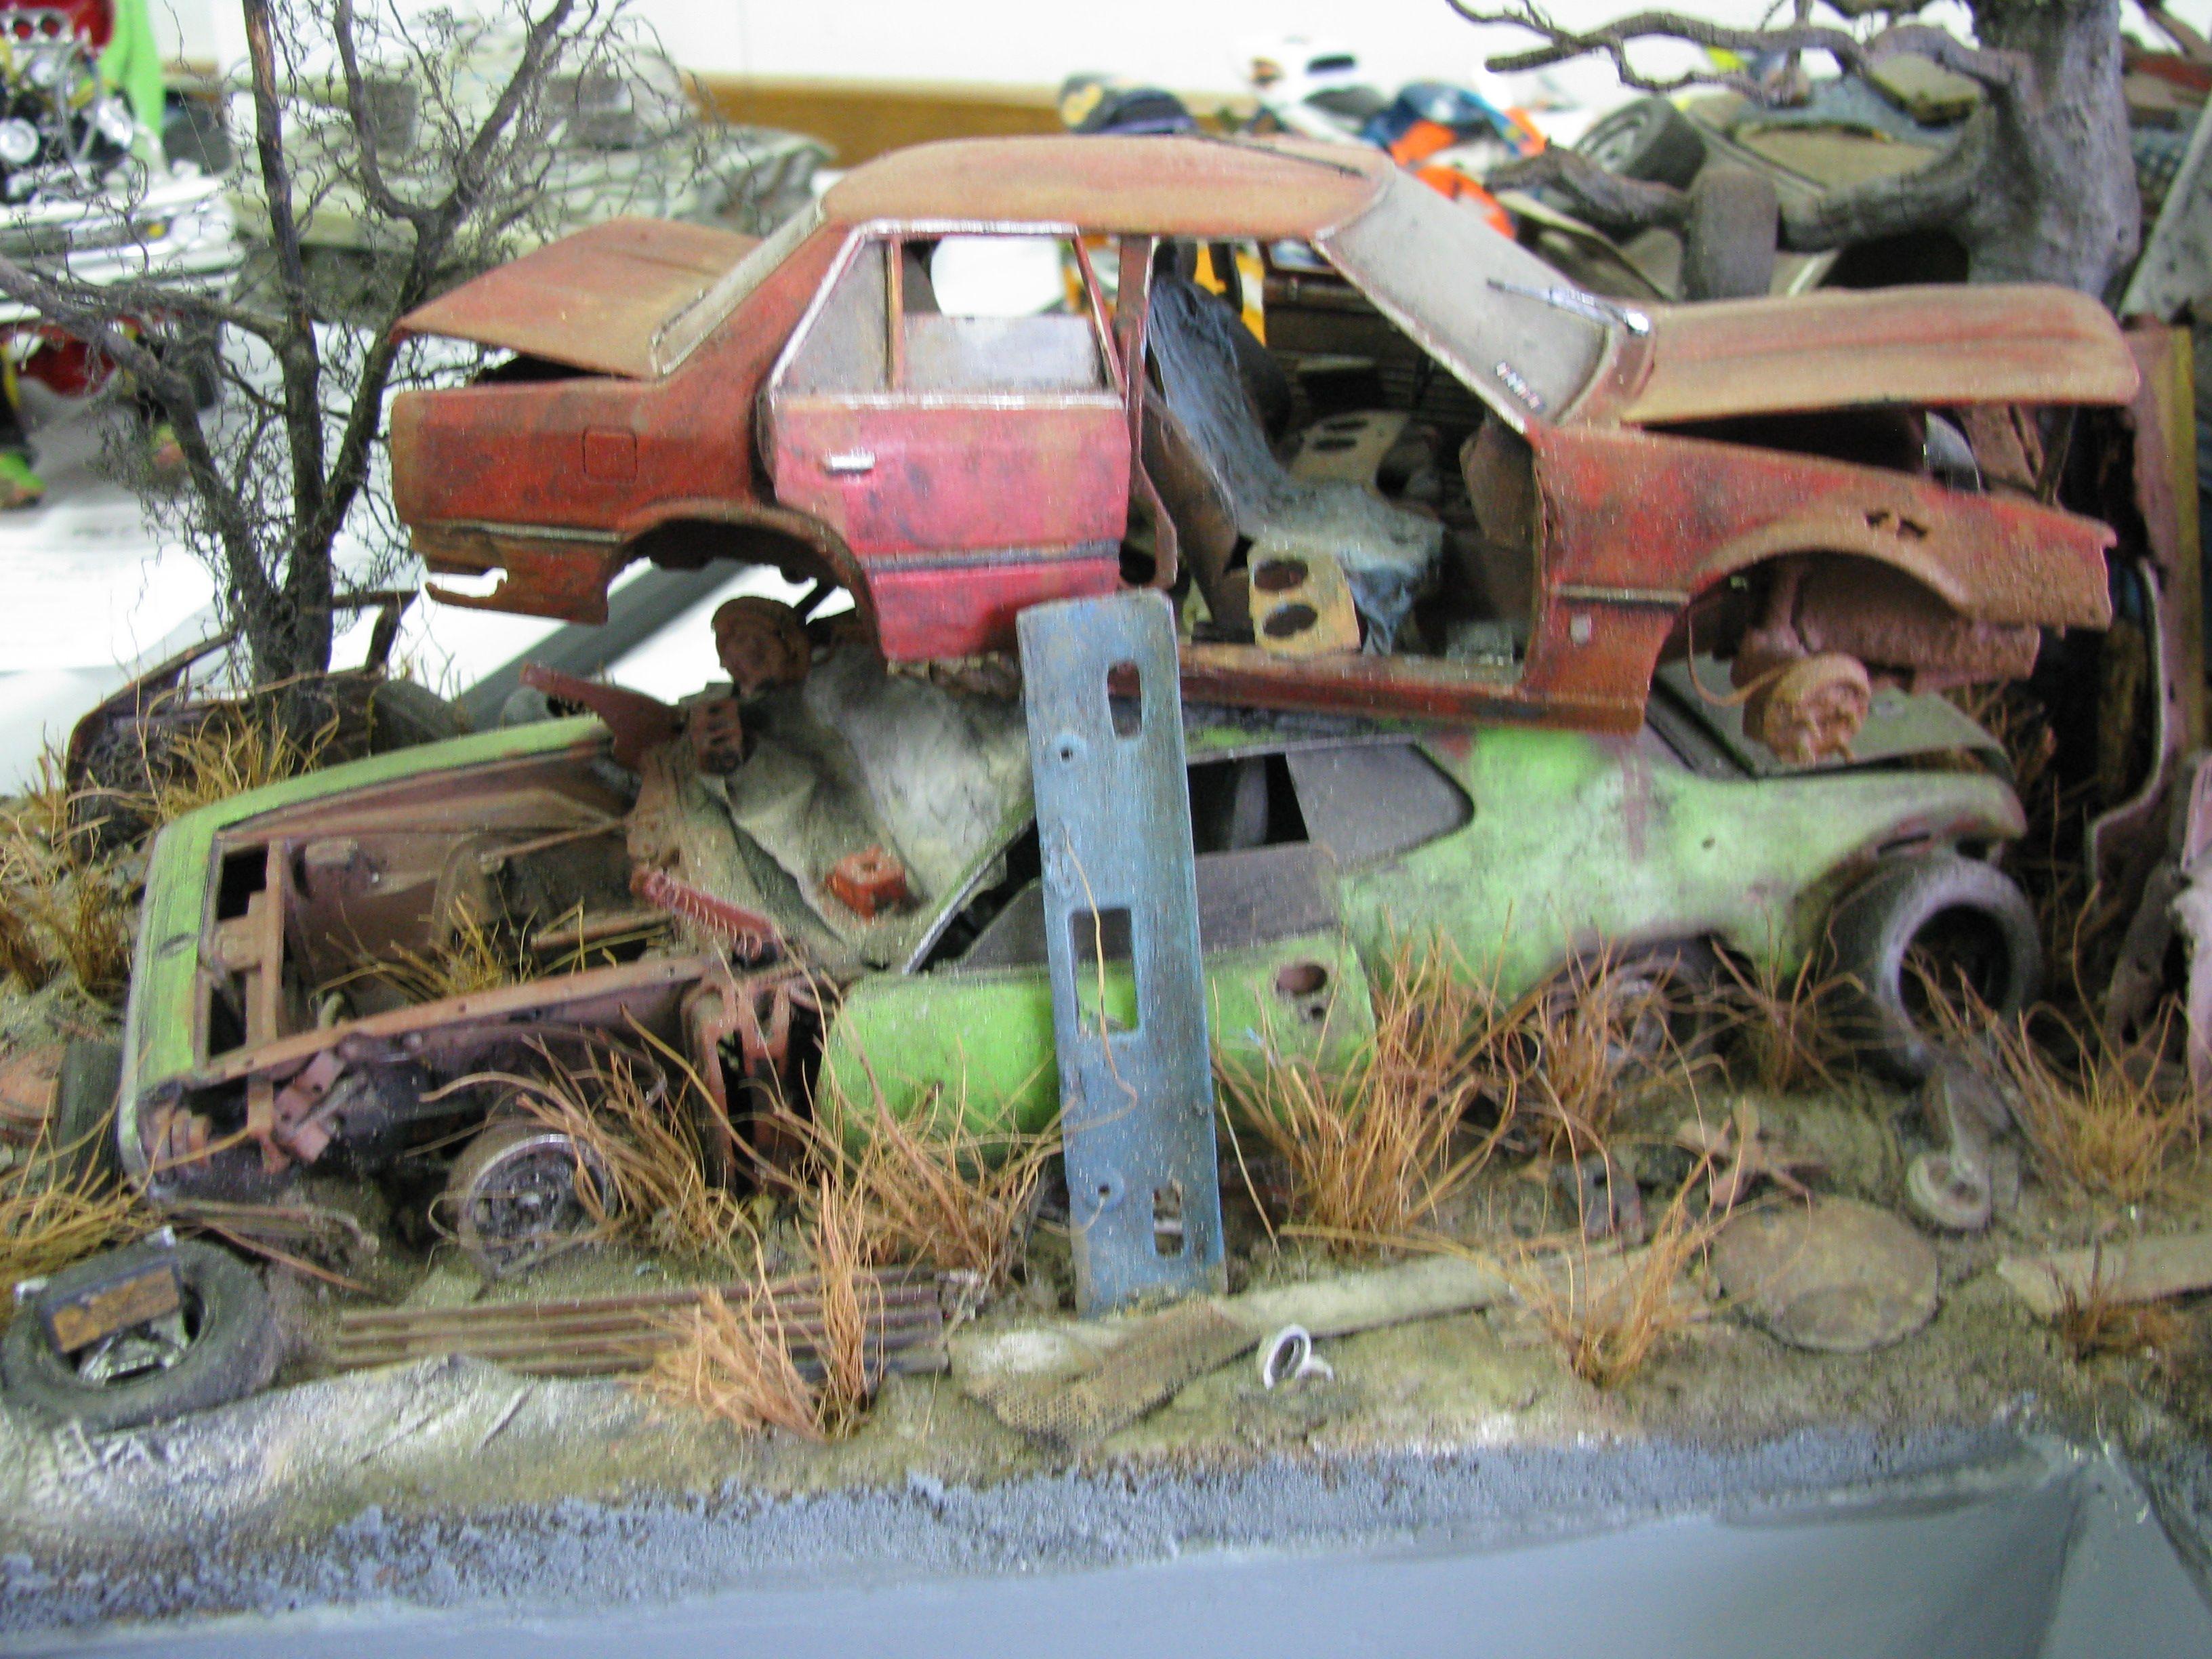 junkyard models - Google Search | Junkyard Models & Dioramas ...